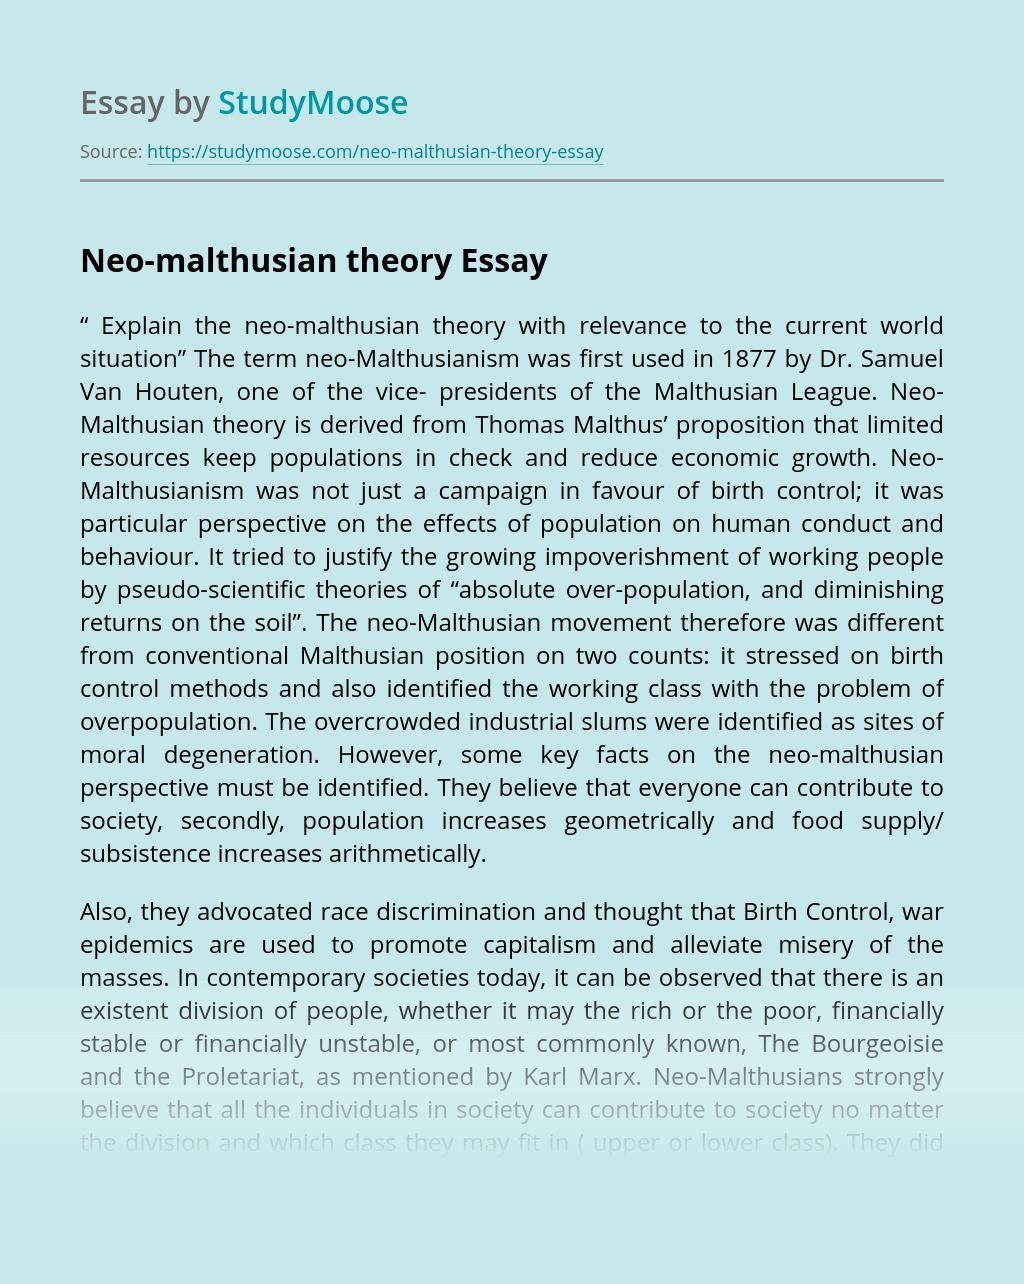 Neo-malthusian theory